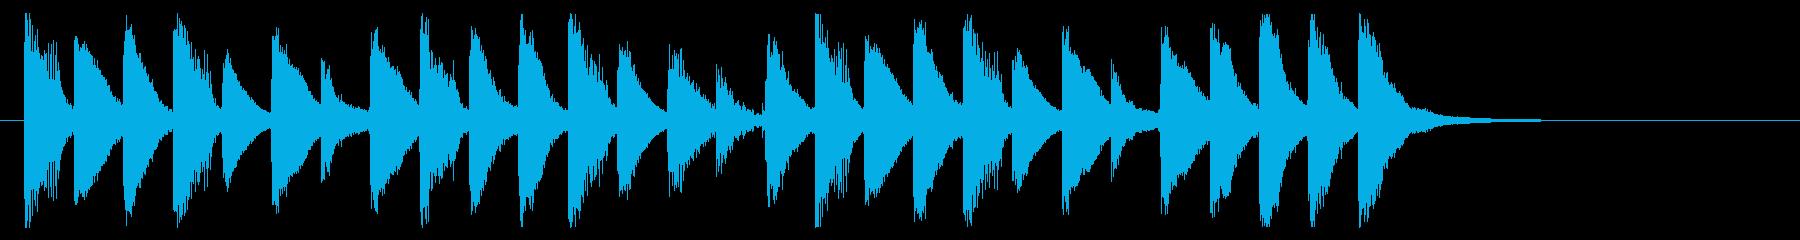 ポップ、軽やか、楽しいサウンドロゴの再生済みの波形